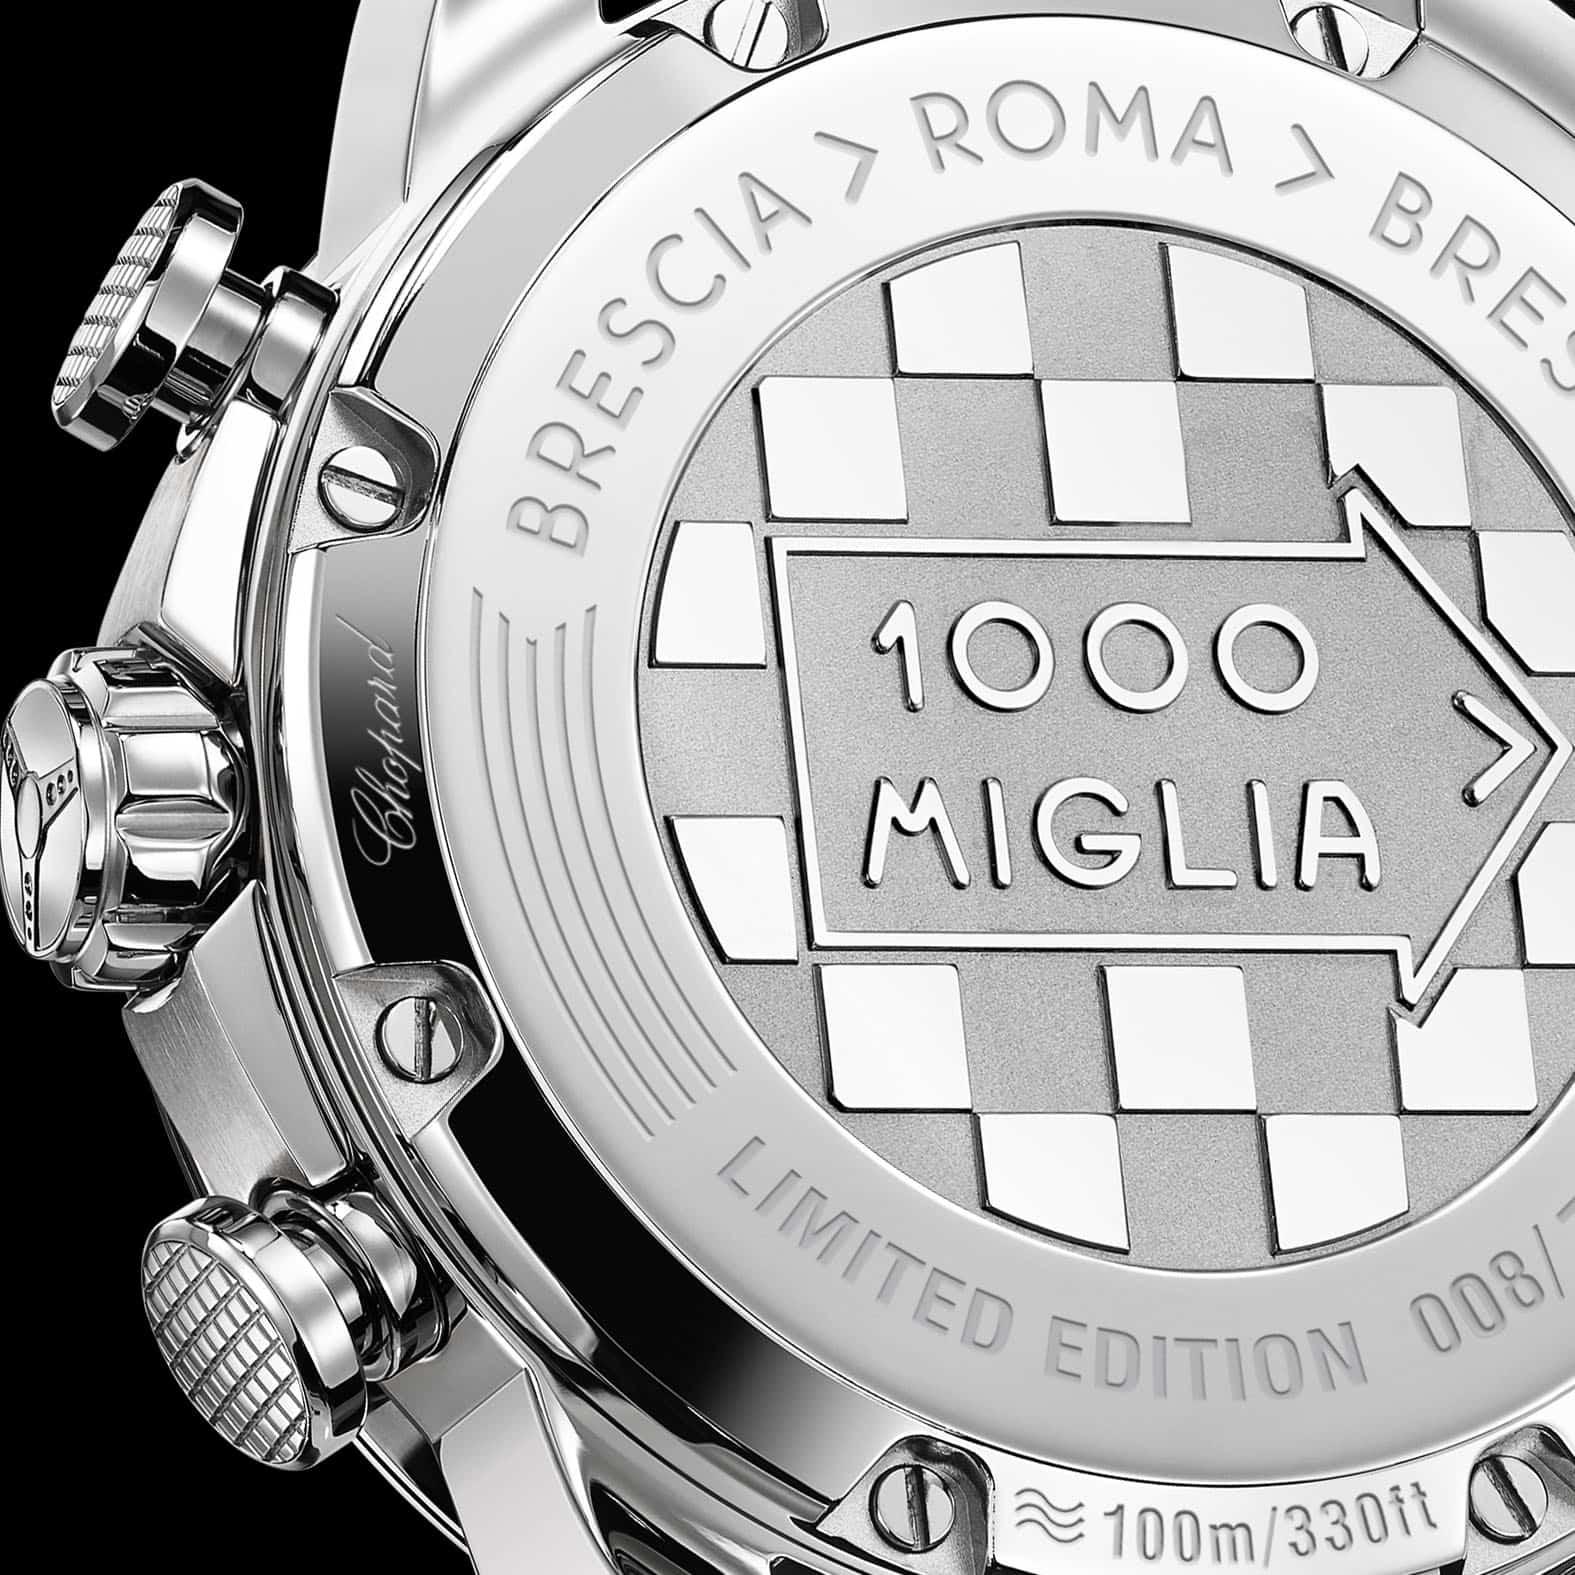 Der Stahlboden zeigt die Limitierung und die Route Brescia-Rom-Brescia